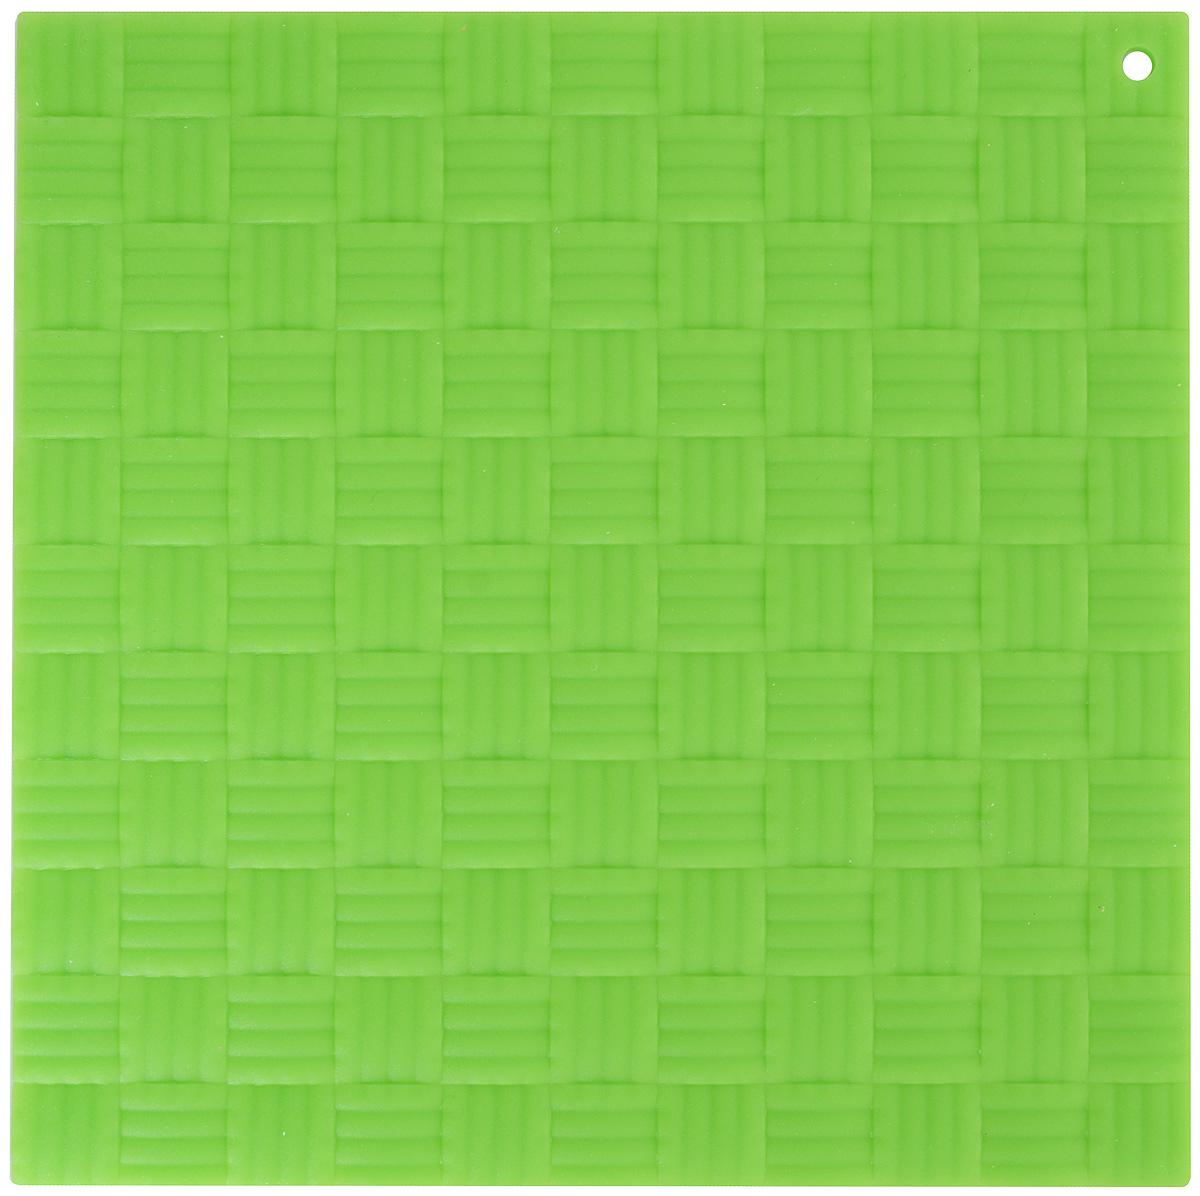 Подставка под горячее Paterra, силиконовая, цвет: зеленый, 17,5 х 17,5 см54 009312Подставка под горячее Paterra изготовлена из силикона и оснащена специальным отверстием для подвешивания. Материал позволяет выдерживать высокие температуры и не скользит по поверхности стола.Каждая хозяйка знает, что подставка под горячее - это незаменимый и очень полезный аксессуар на каждойкухне. Ваш стол будет не только украшен яркой и оригинальной подставкой, но и сбережен от воздействия высоких температур.